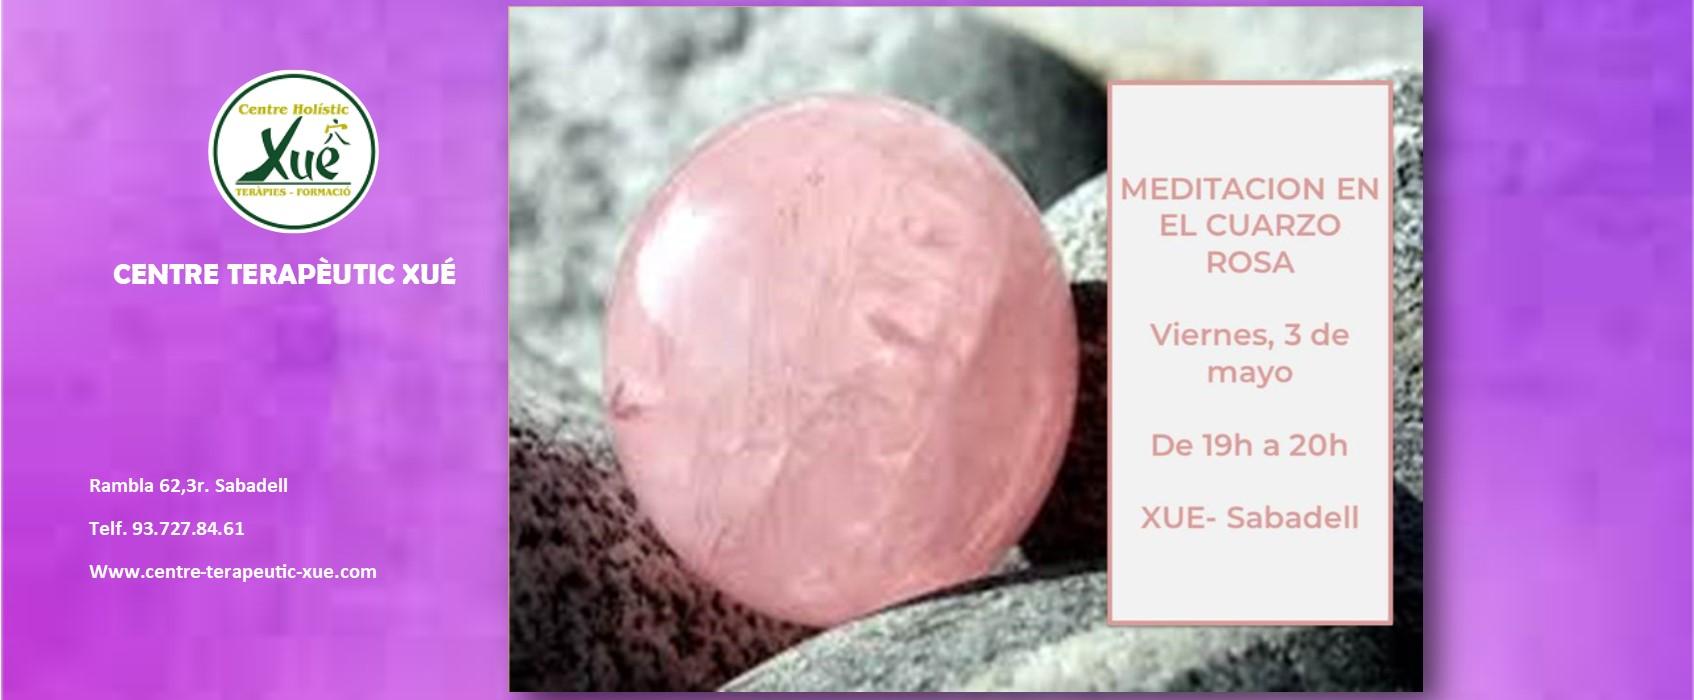 Meditación guiada en cuarzo rosa. Día 3 de mayo a las 19h.